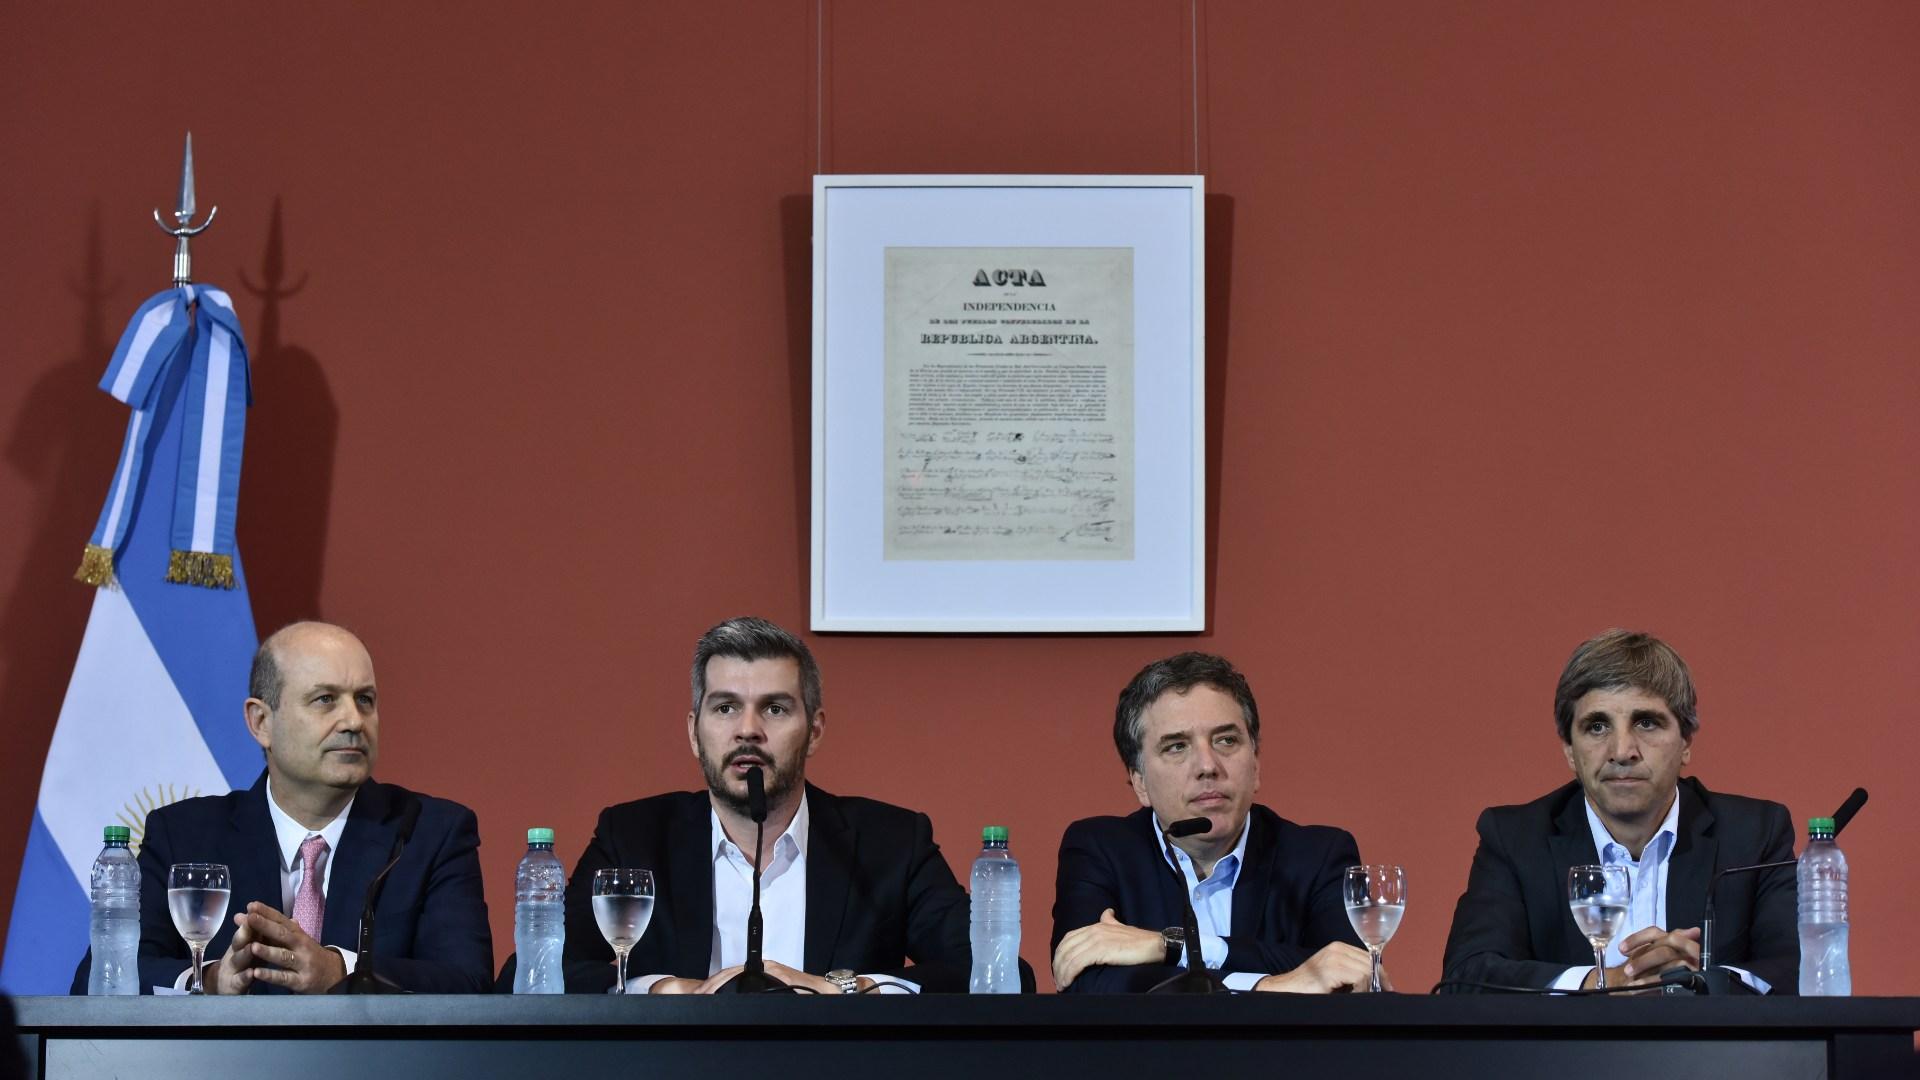 La conferencia de prensa del 28 de diciembre de 2017 fue para muchos uno de la disparadora de la crisis de 2018 (Adrián Escándar)